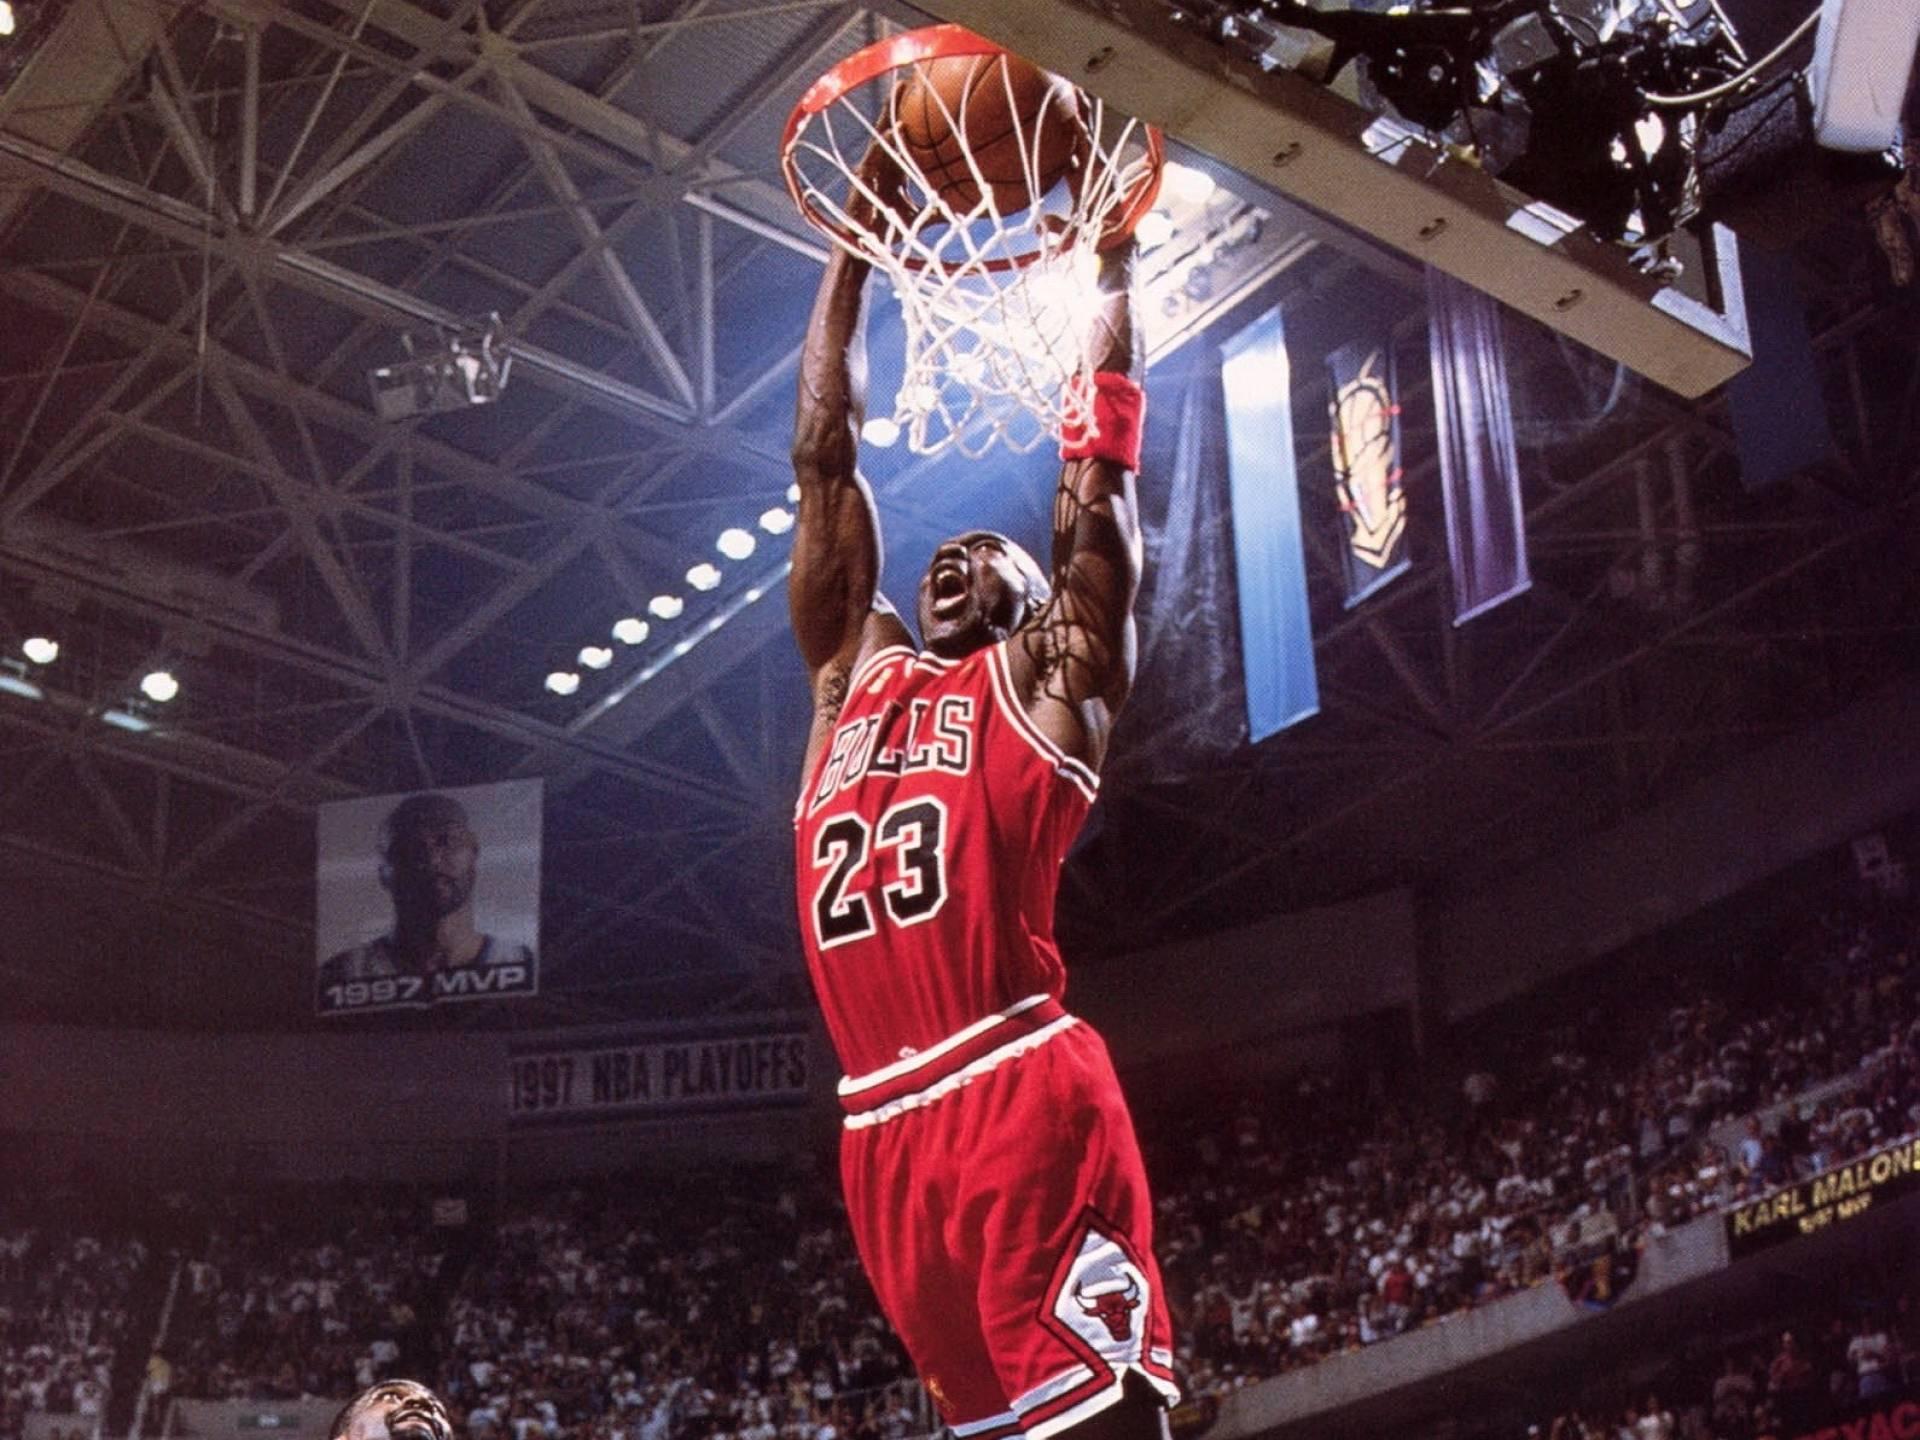 Michael jordan chicago bulls wallpapers wallpaper cave - Jordan screensaver ...